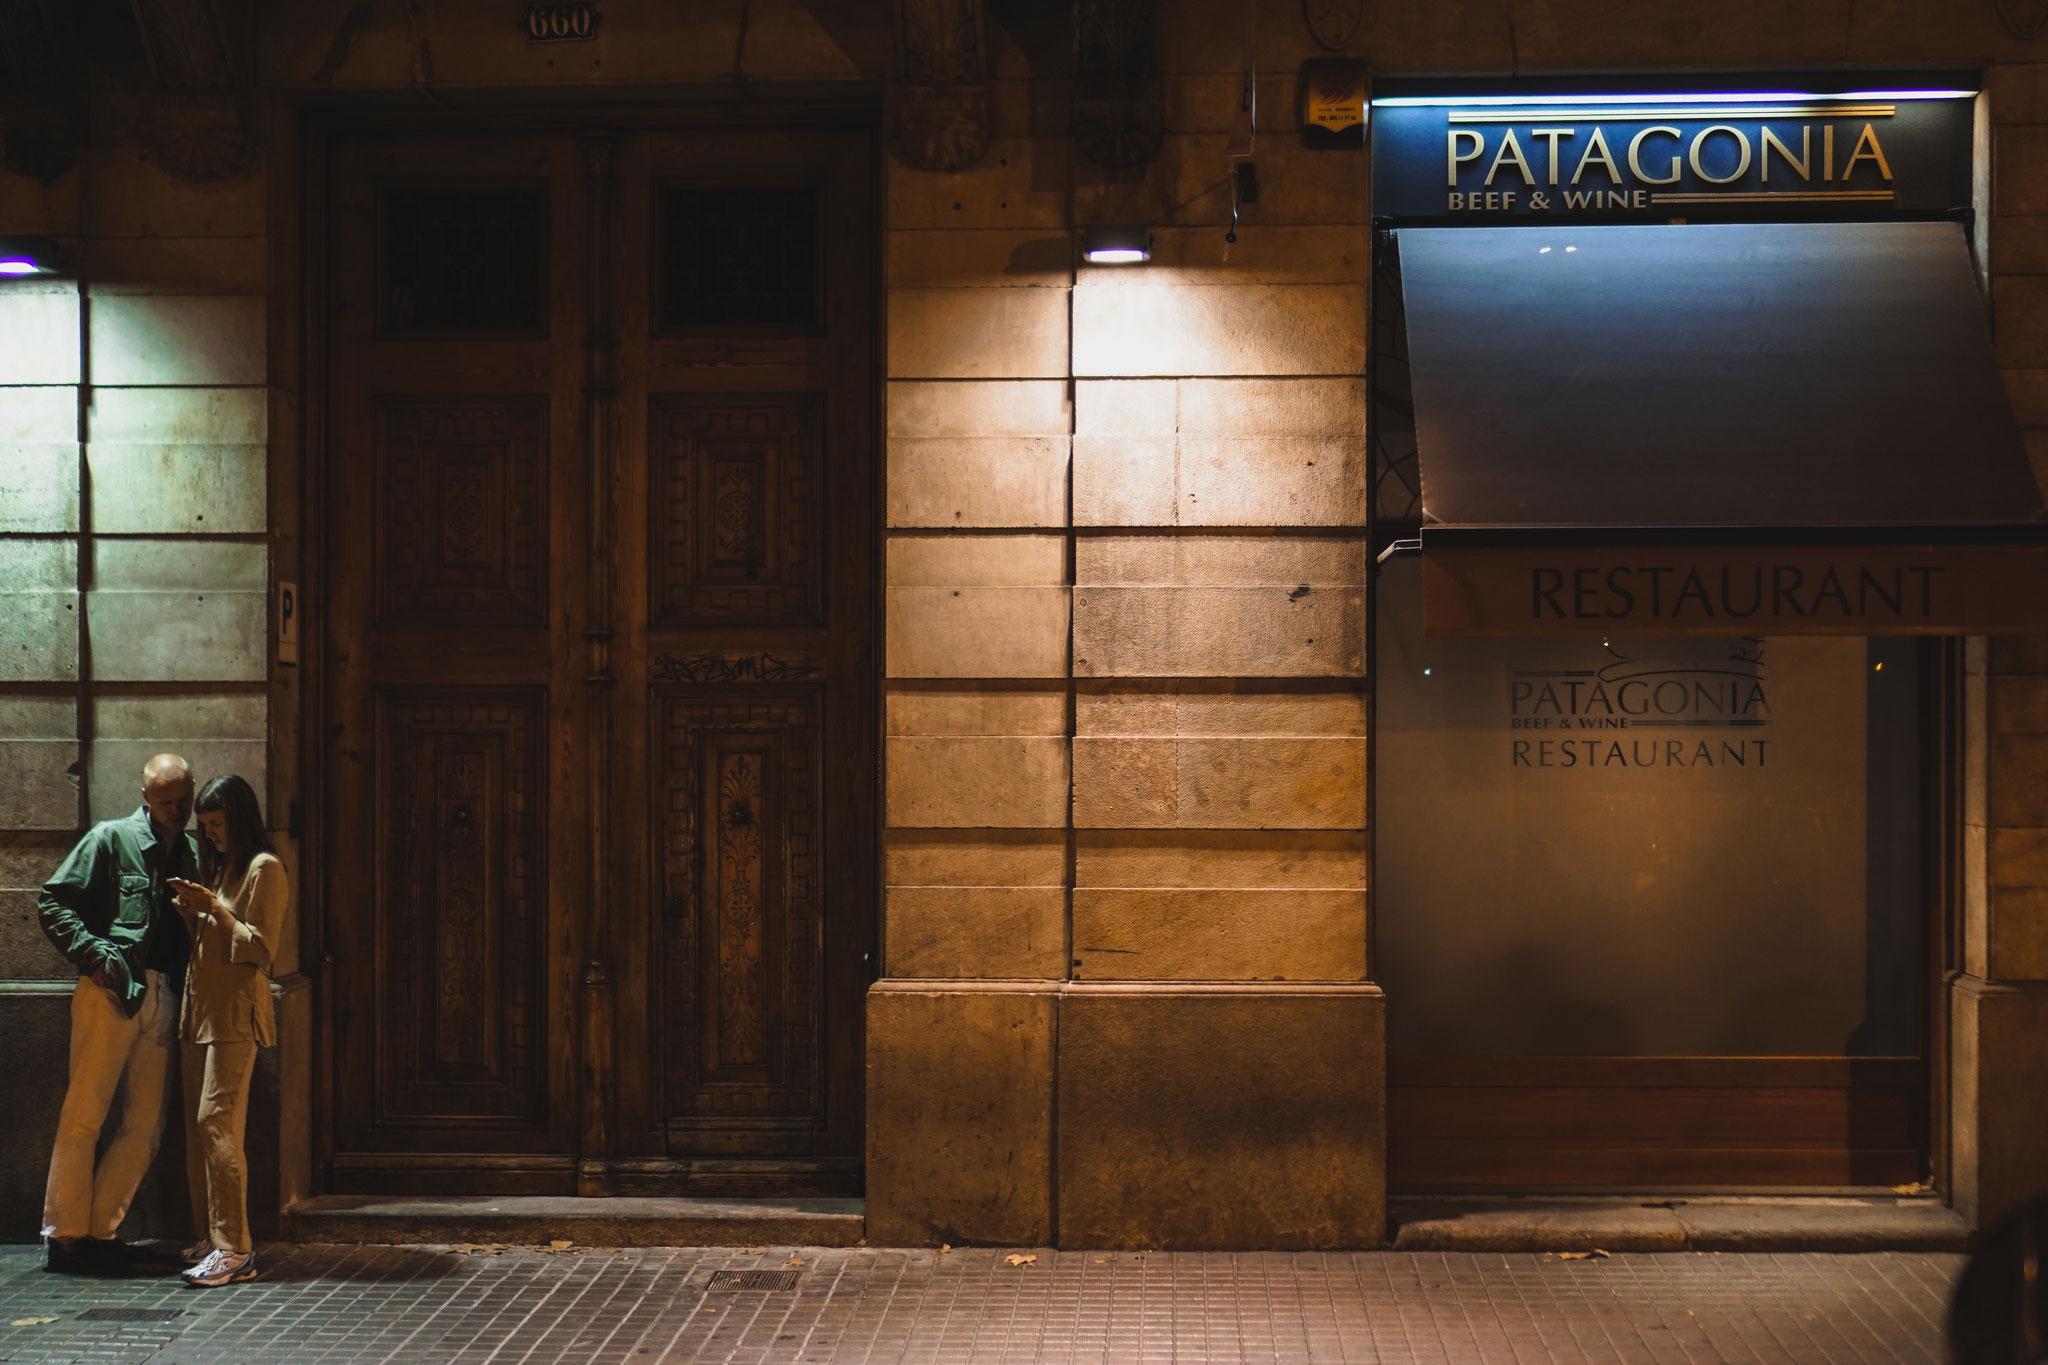 image 9 2 5 6 | Barcelona ist unsere absolute Lieblingsstadt und wir versuchen mindestensalle 2 Jahre dorthin zu reisen. Nicht nur, dass die spanische Großstadt unglaublich vielseitig ist, auch kulinarisch weiß sie voll und ganz zu überzeugen. Denn auch hier zeigt sich die Wandelbarkeit der Stadt, die sowohl einen wunderschönen Strand aber auch ein urbanes, pulsierendes Stadtleben zu bieten hat. Daher wurde es höchste Zeit, dass wir euch unsere Lieblingsrestaurants in Barcelona vorstellen, denn hier gibt es definitiv nicht nur Tapas (auch wenn Tapas grandios sind).